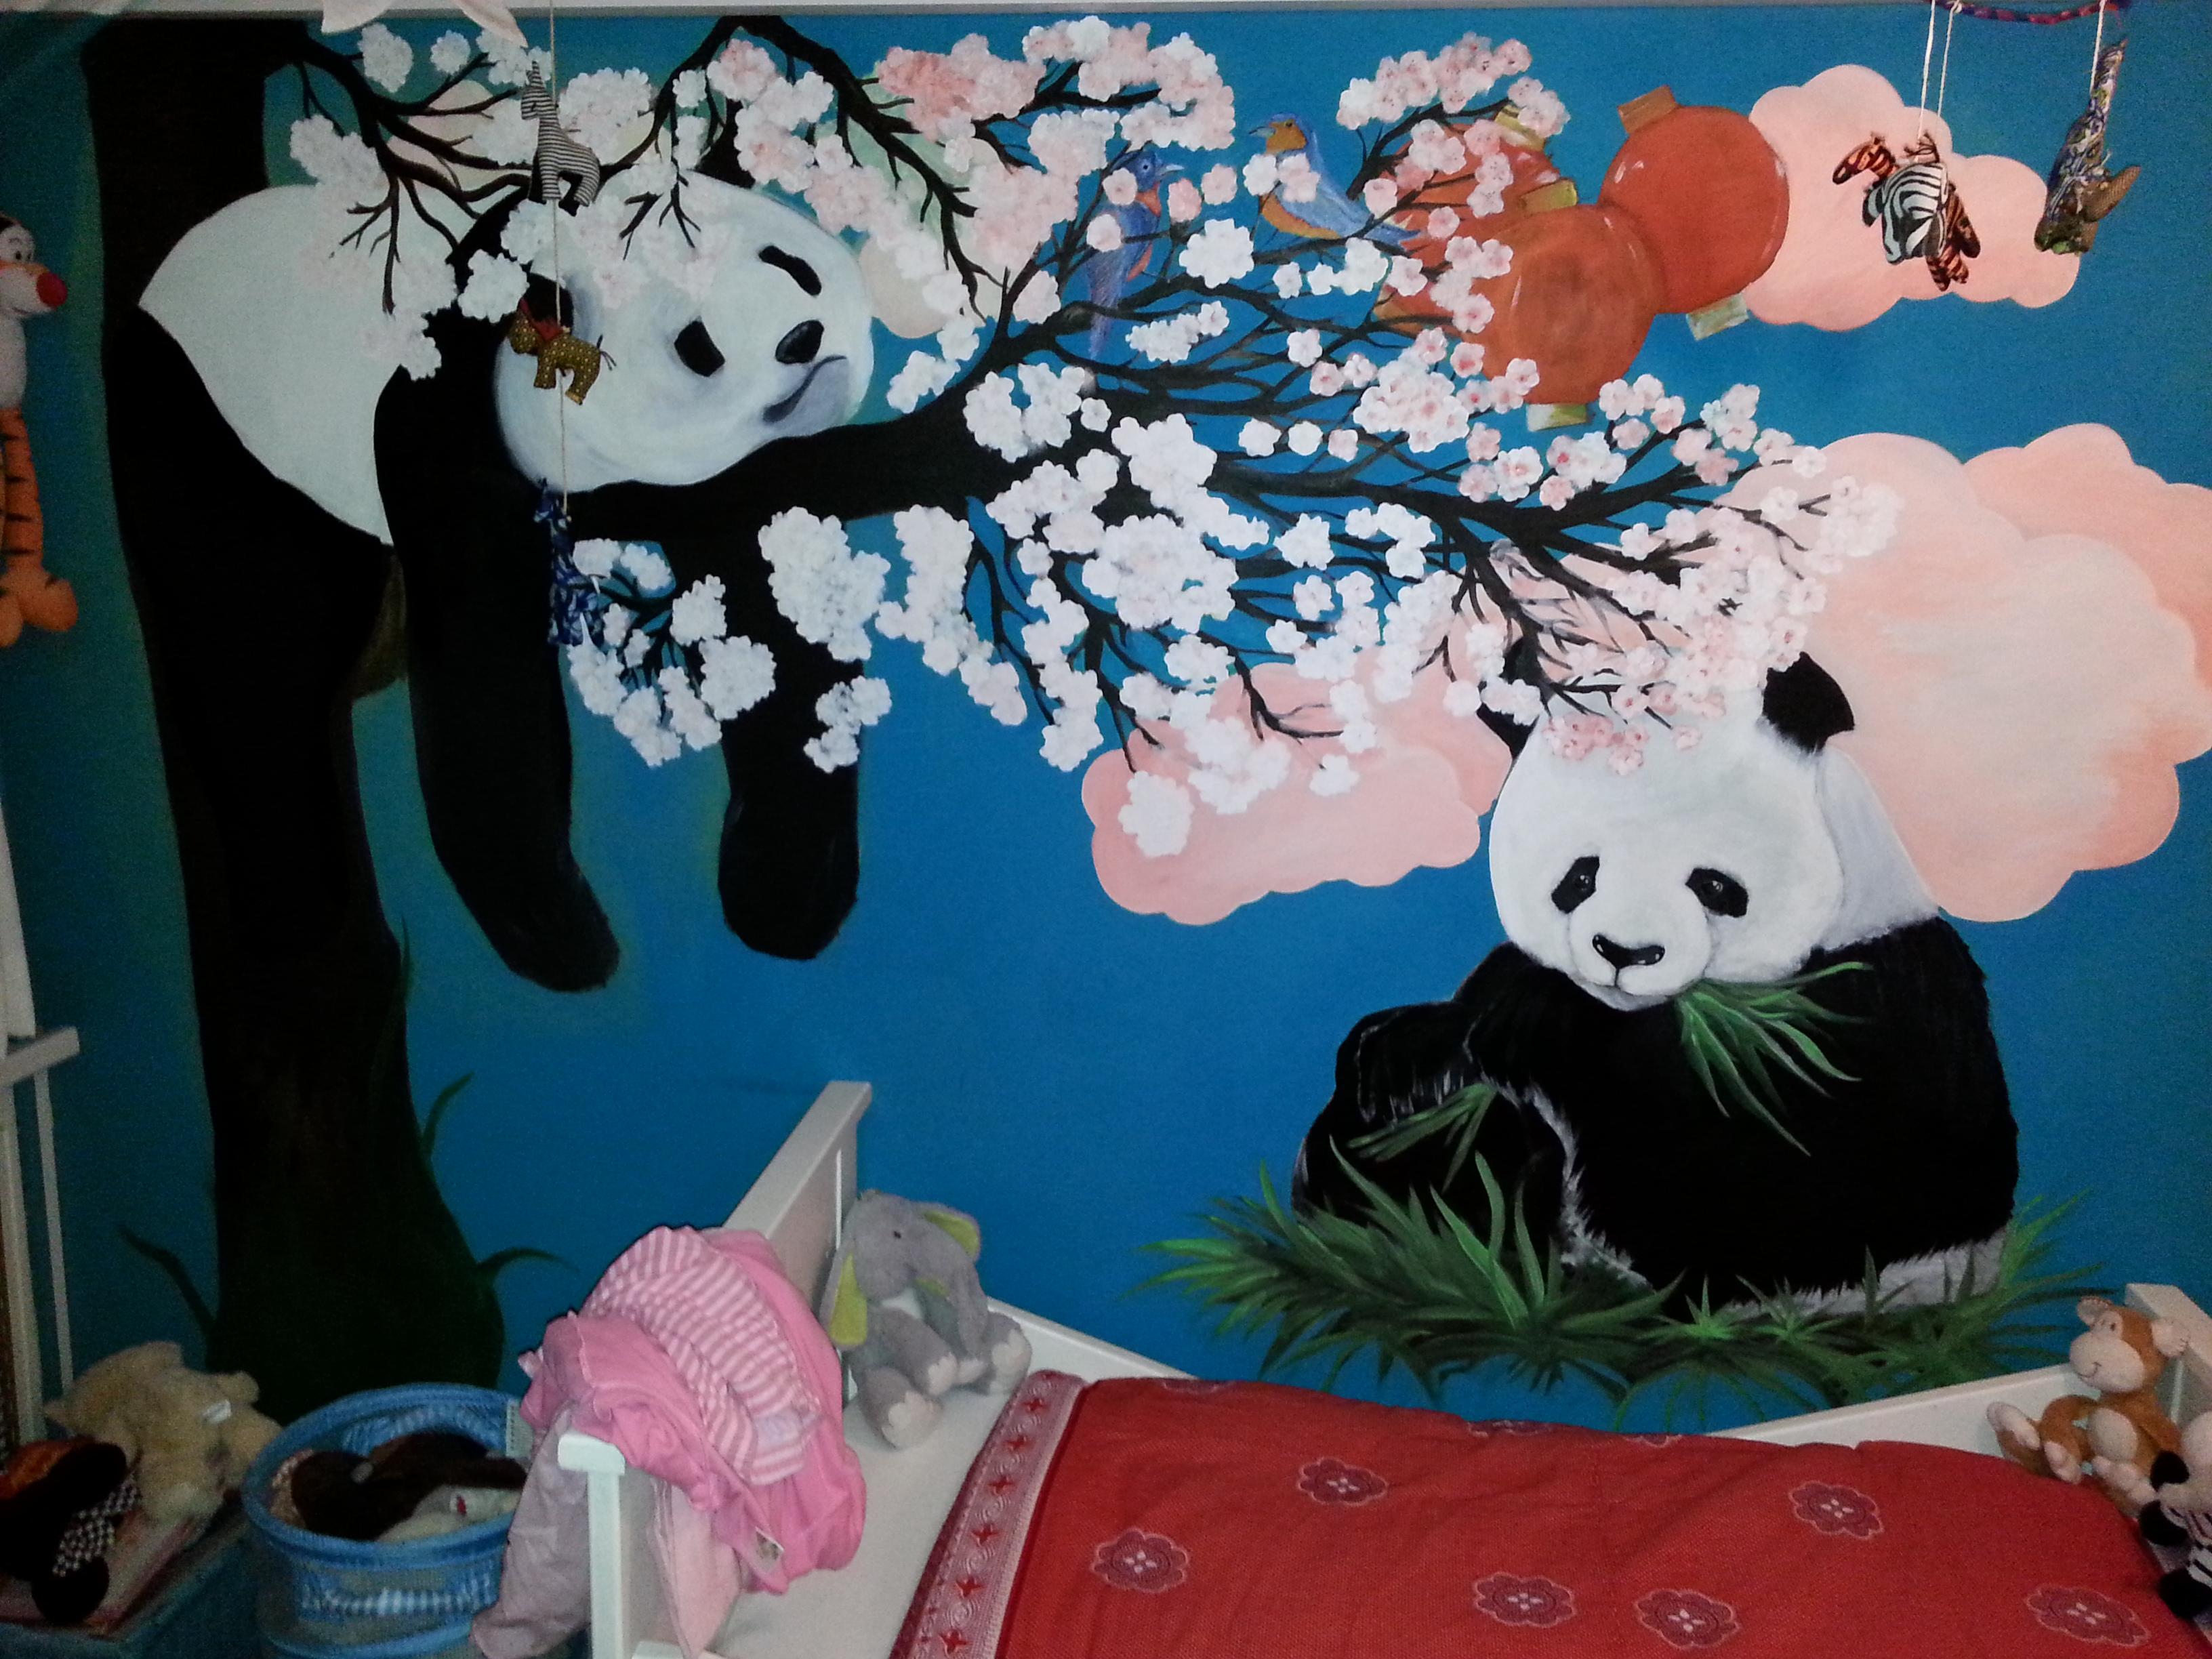 Pandadromen.